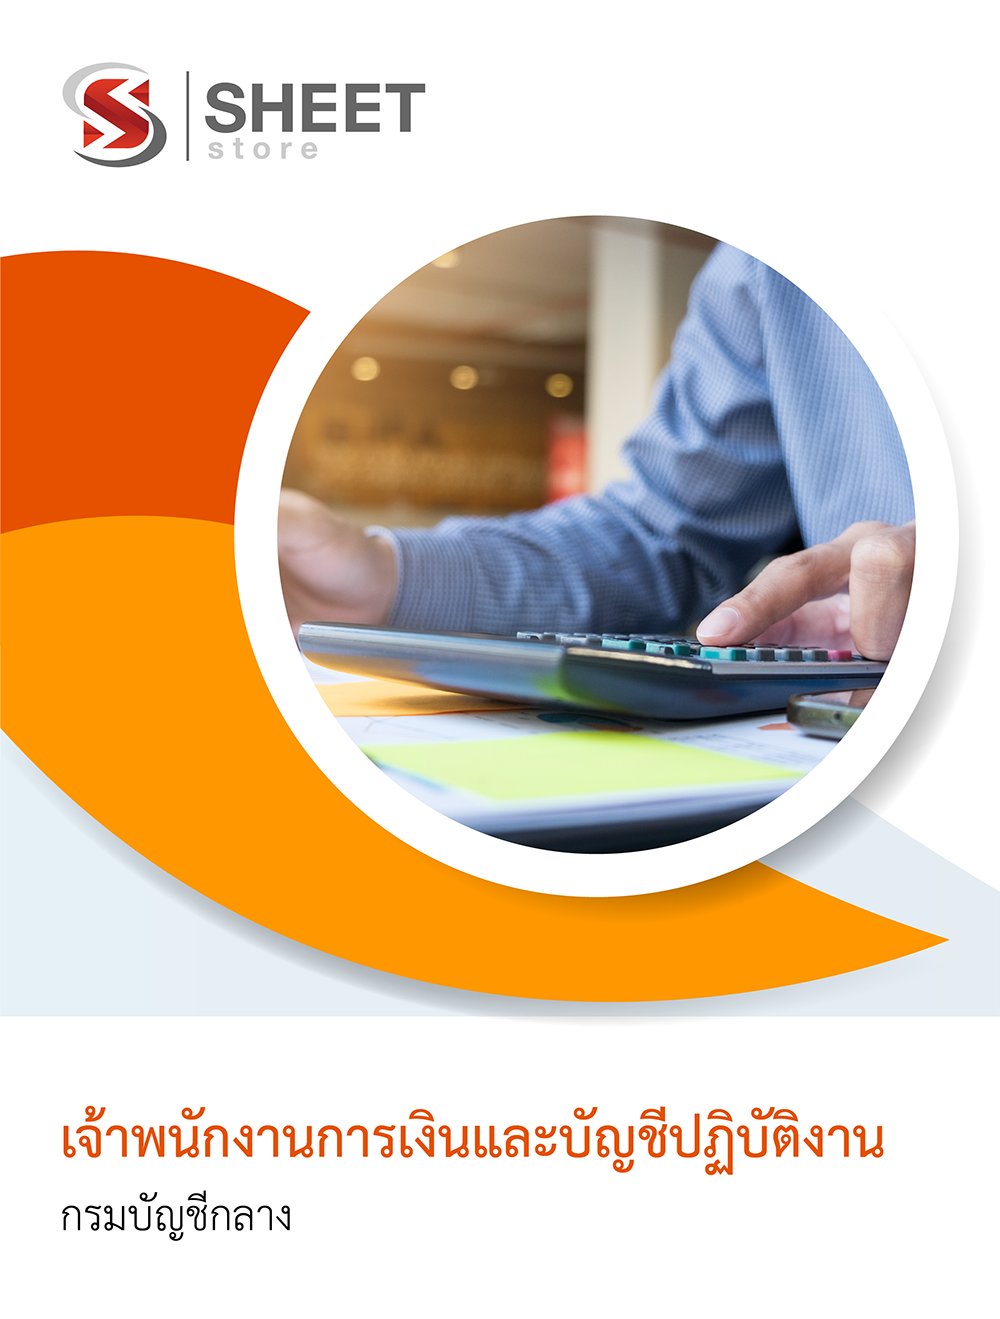 แนวข้อสอบ เจ้าพนักงานการเงินและบัญชีปฏิบัติงาน กรมบัญชีกลาง